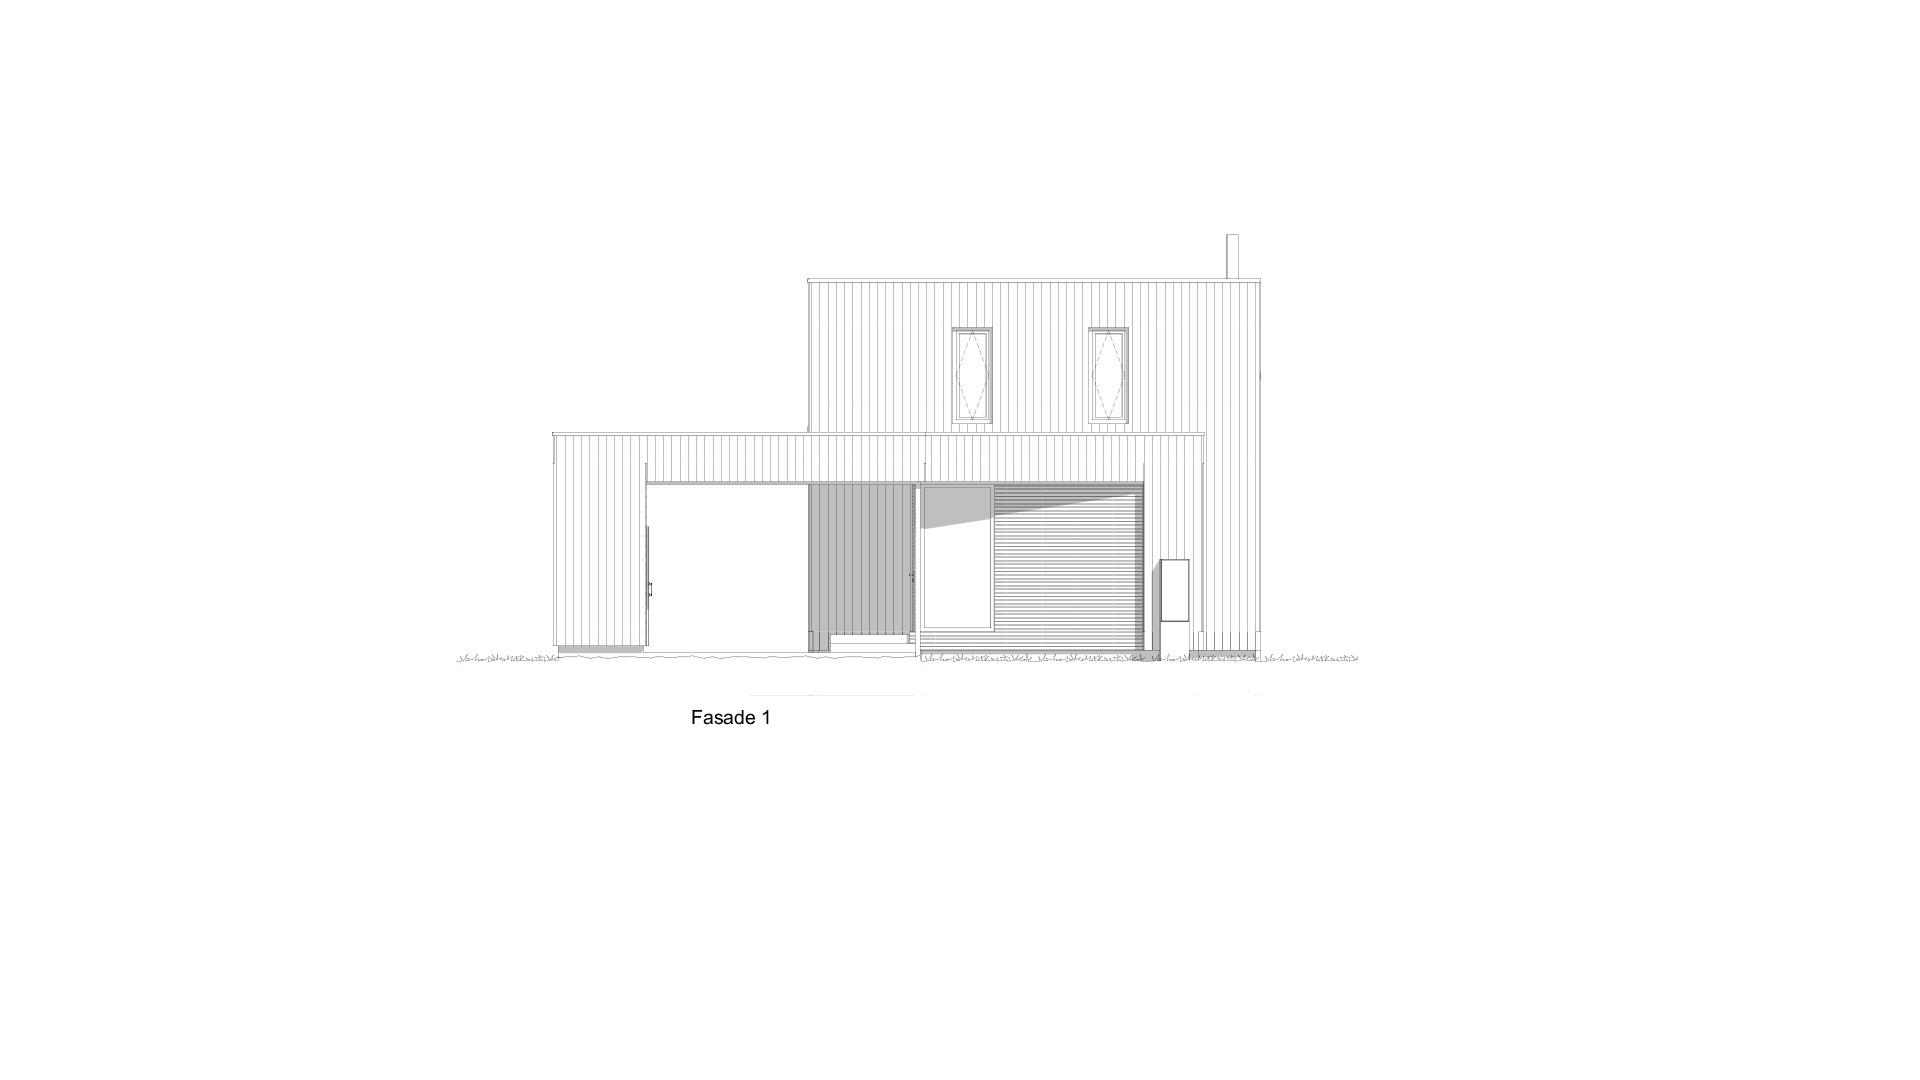 Fossen_Fasade1.jpg